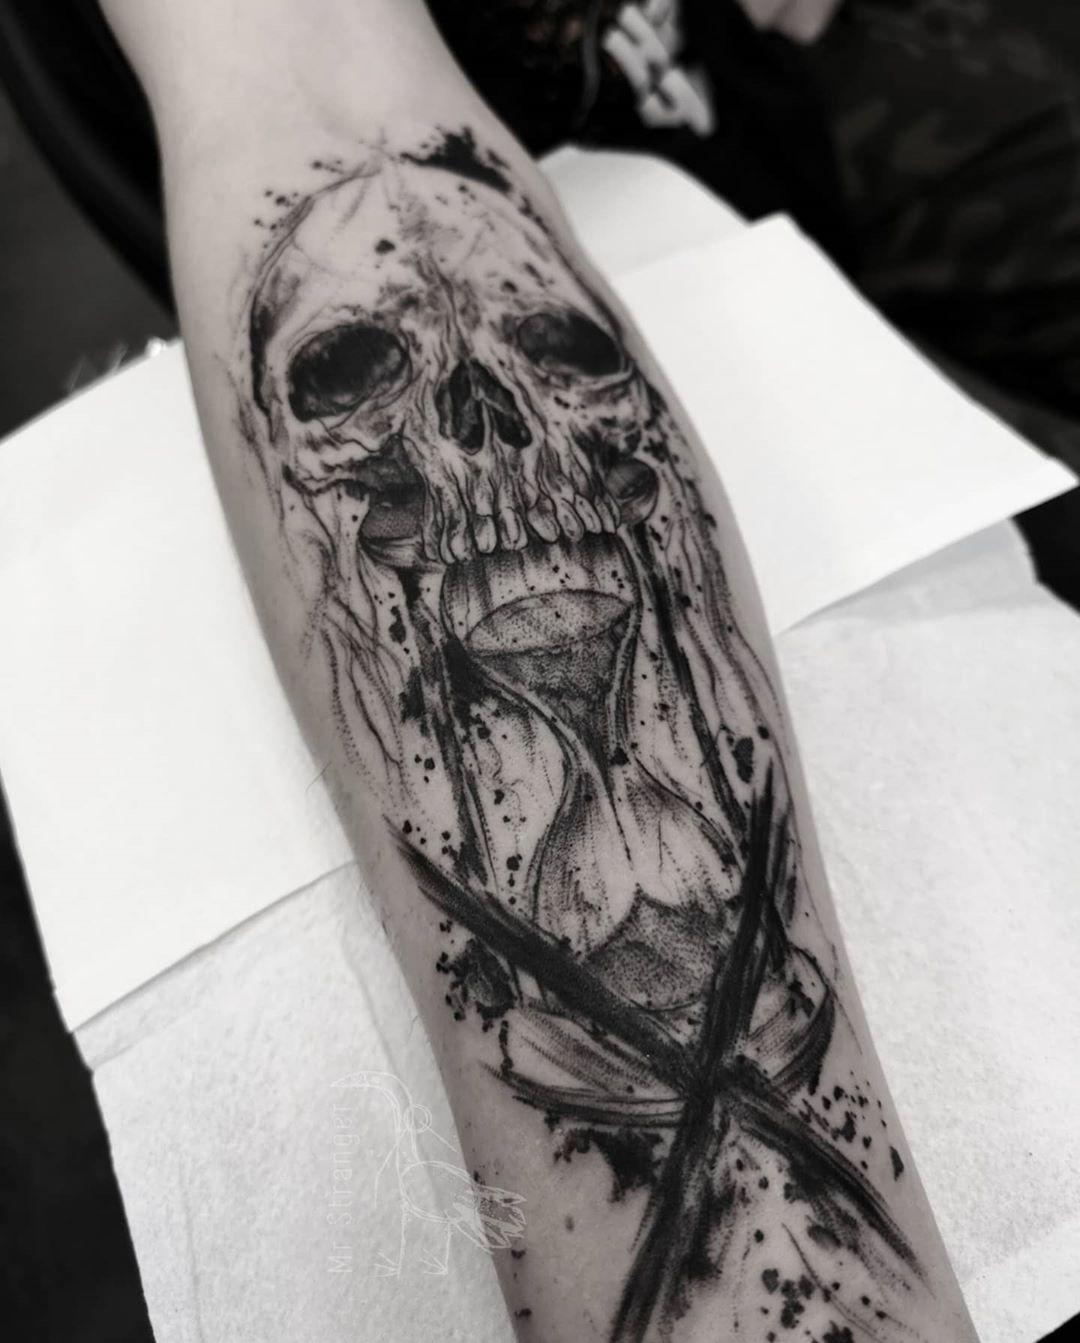 💀⏳ #mrstranger #inkartist #darkartist #blackartist #darkartists #tatuaje #inkedup #skulltattoo #tatuaz #wroclaw #wroclove #inkstinctsubmission #blackworkerssubmission #sketchtattoo #artwork #artistic #skull #hourglass #thedarkestwork #onlythedarkest #blxckink #blxckwork